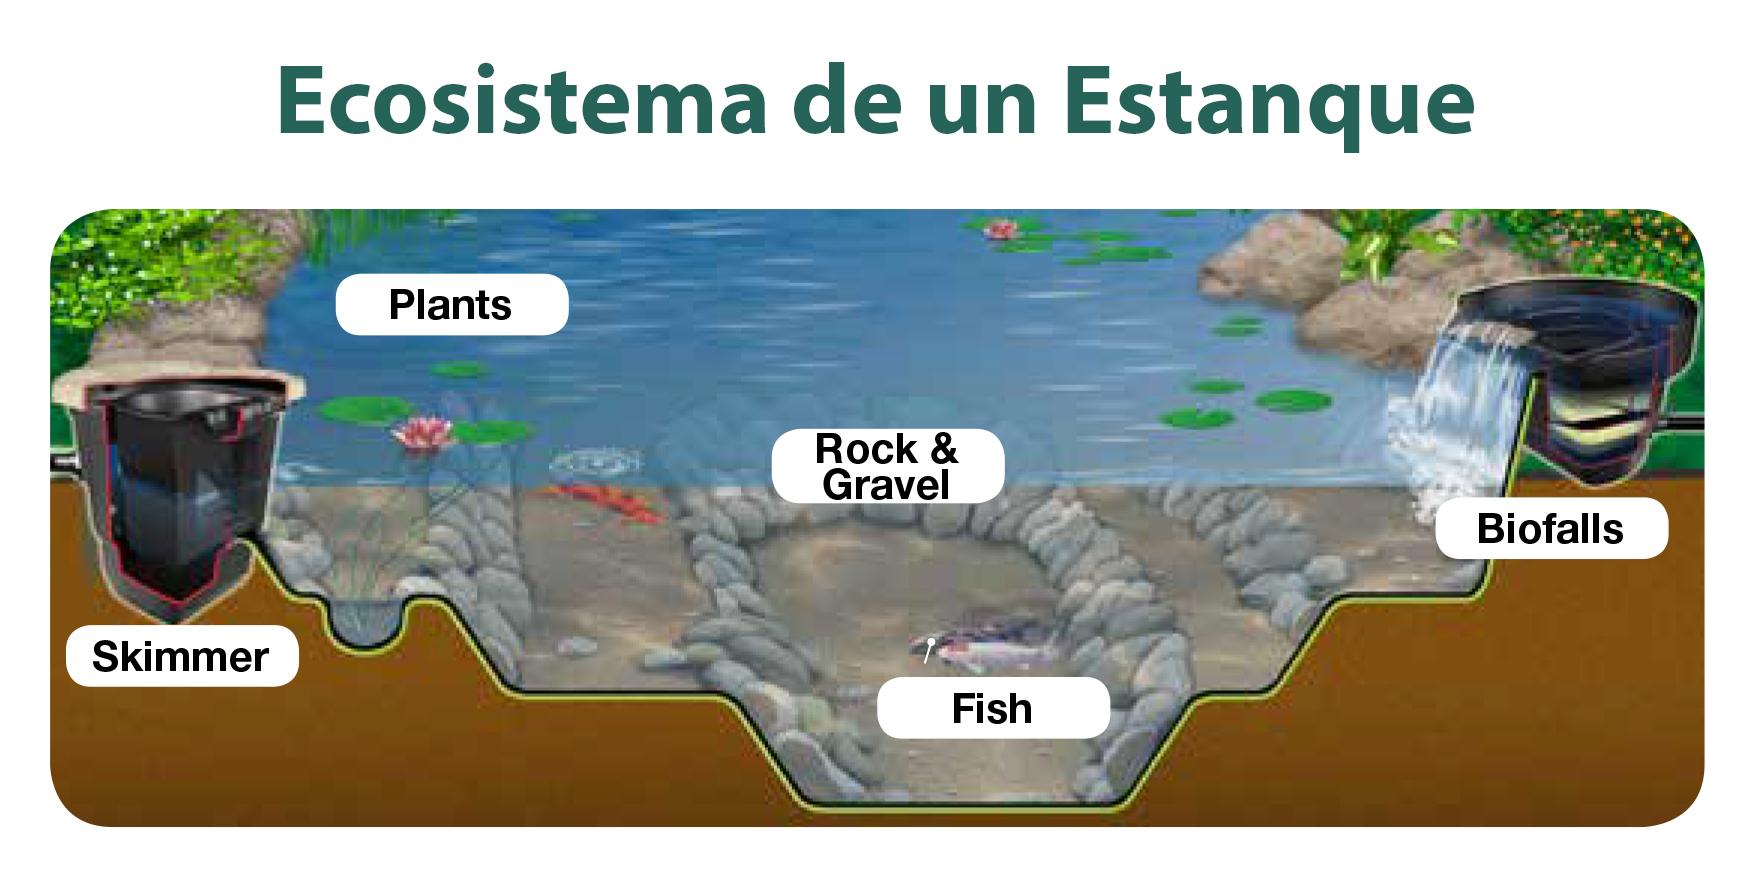 Ecosistema de un Estanque